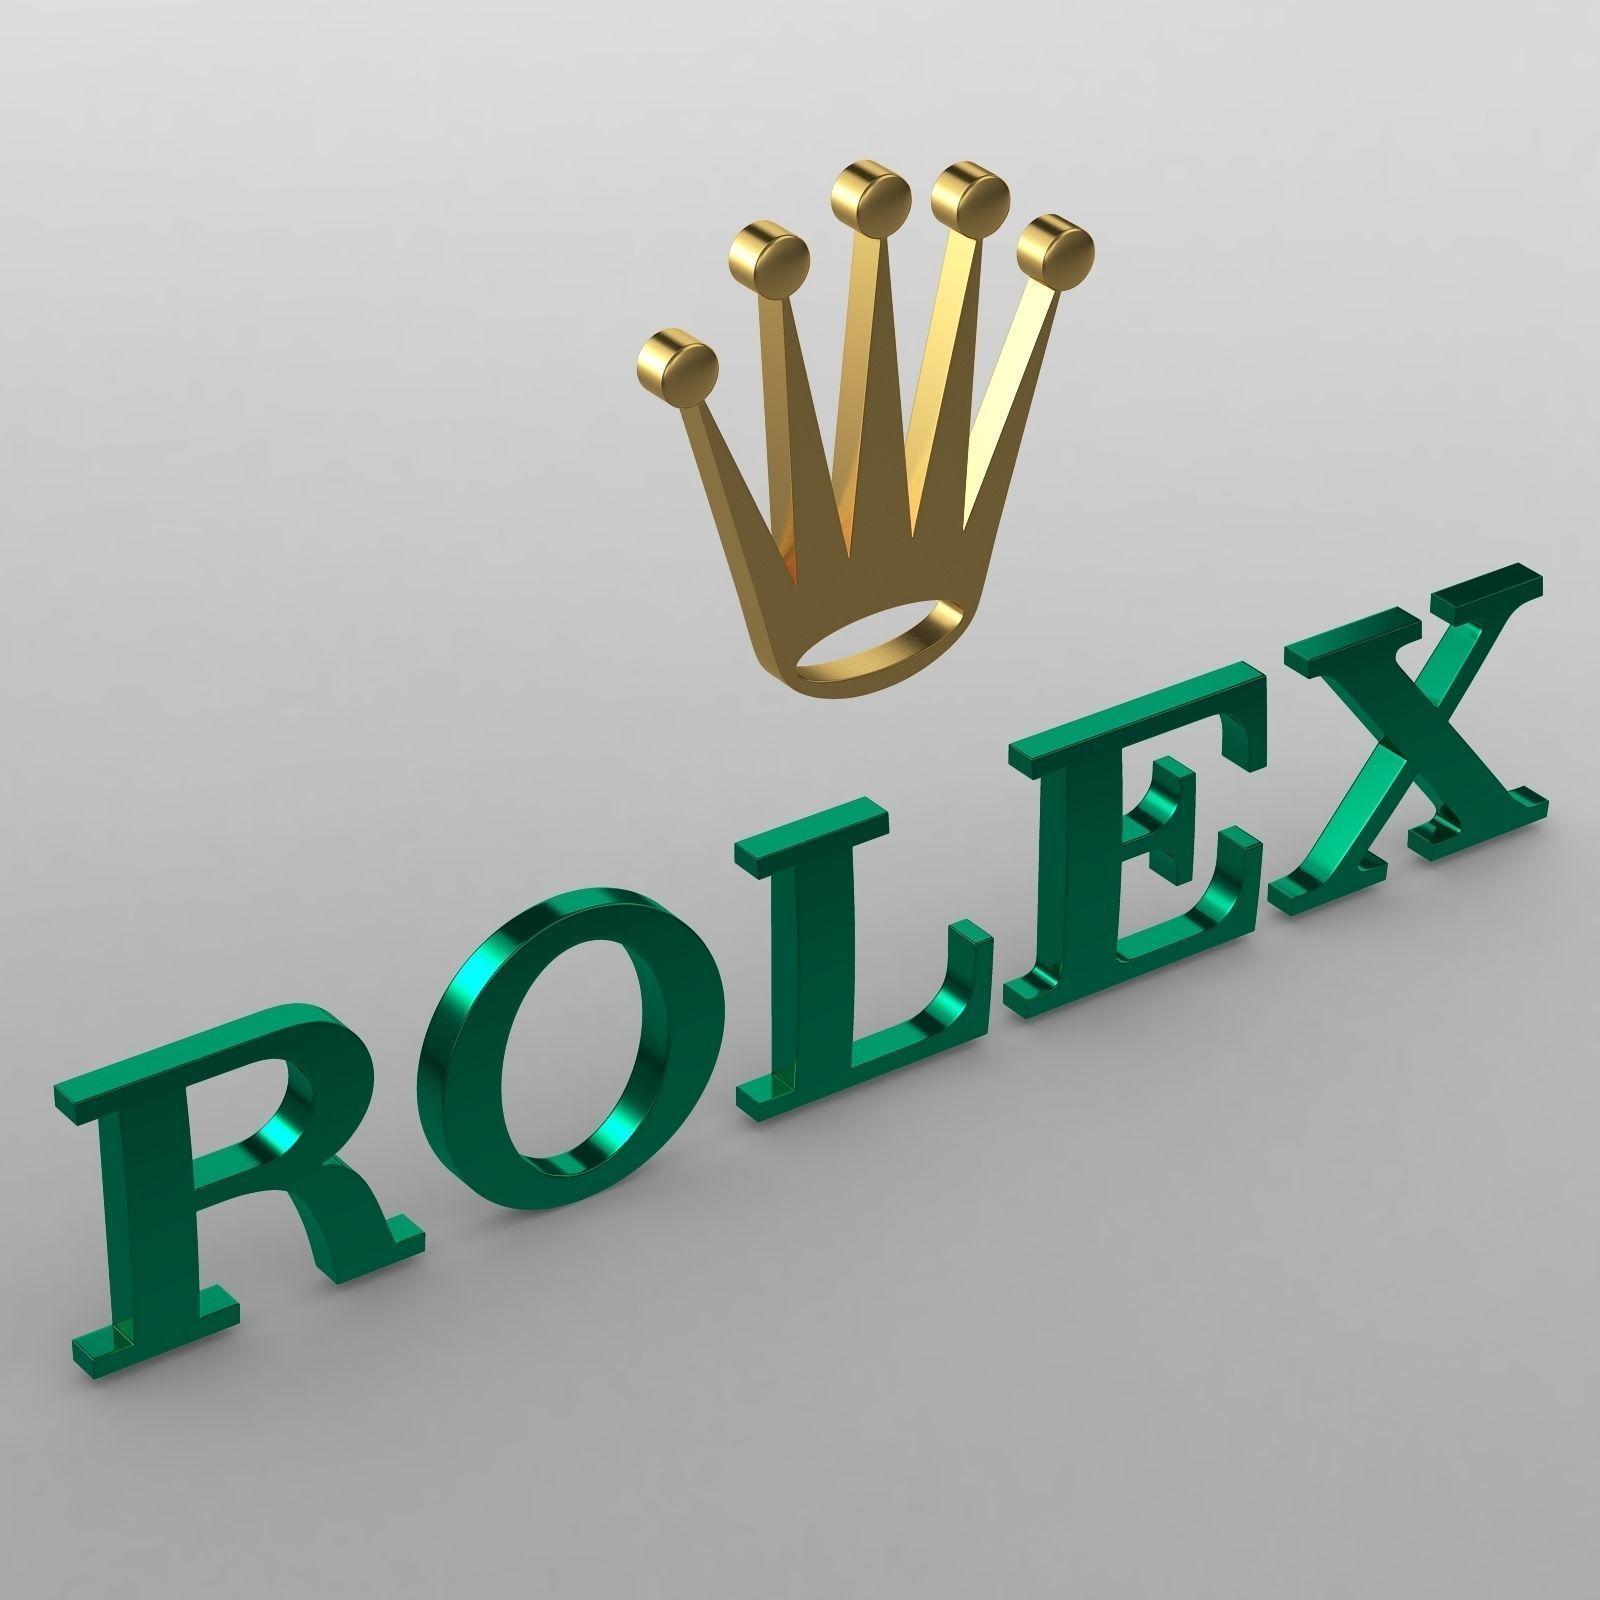 3d Rolex Logo Cgtrader Rolex Logo Rolex Luxury Watches For Men